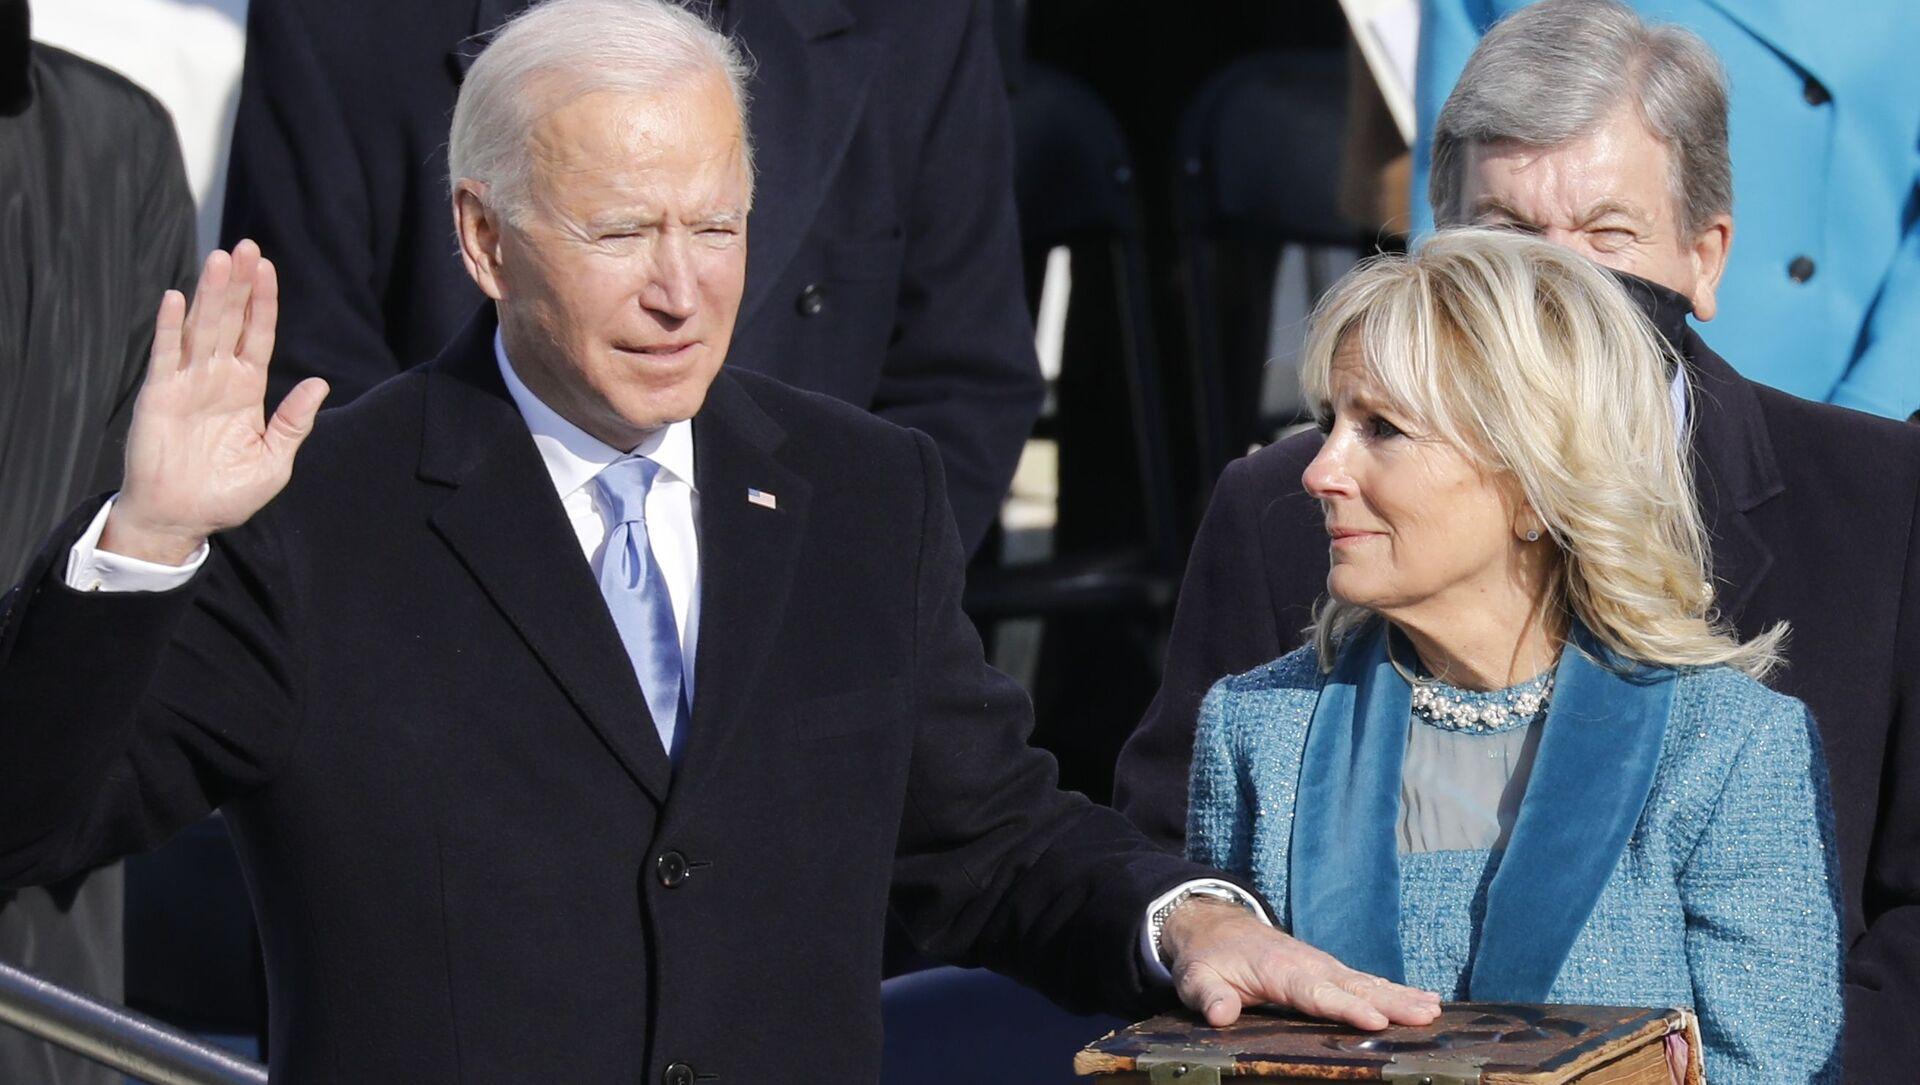 Prezident Spojených států Joe Biden a jeho manželka Jill Bidenová skládají přísahu - Sputnik Česká republika, 1920, 04.03.2021